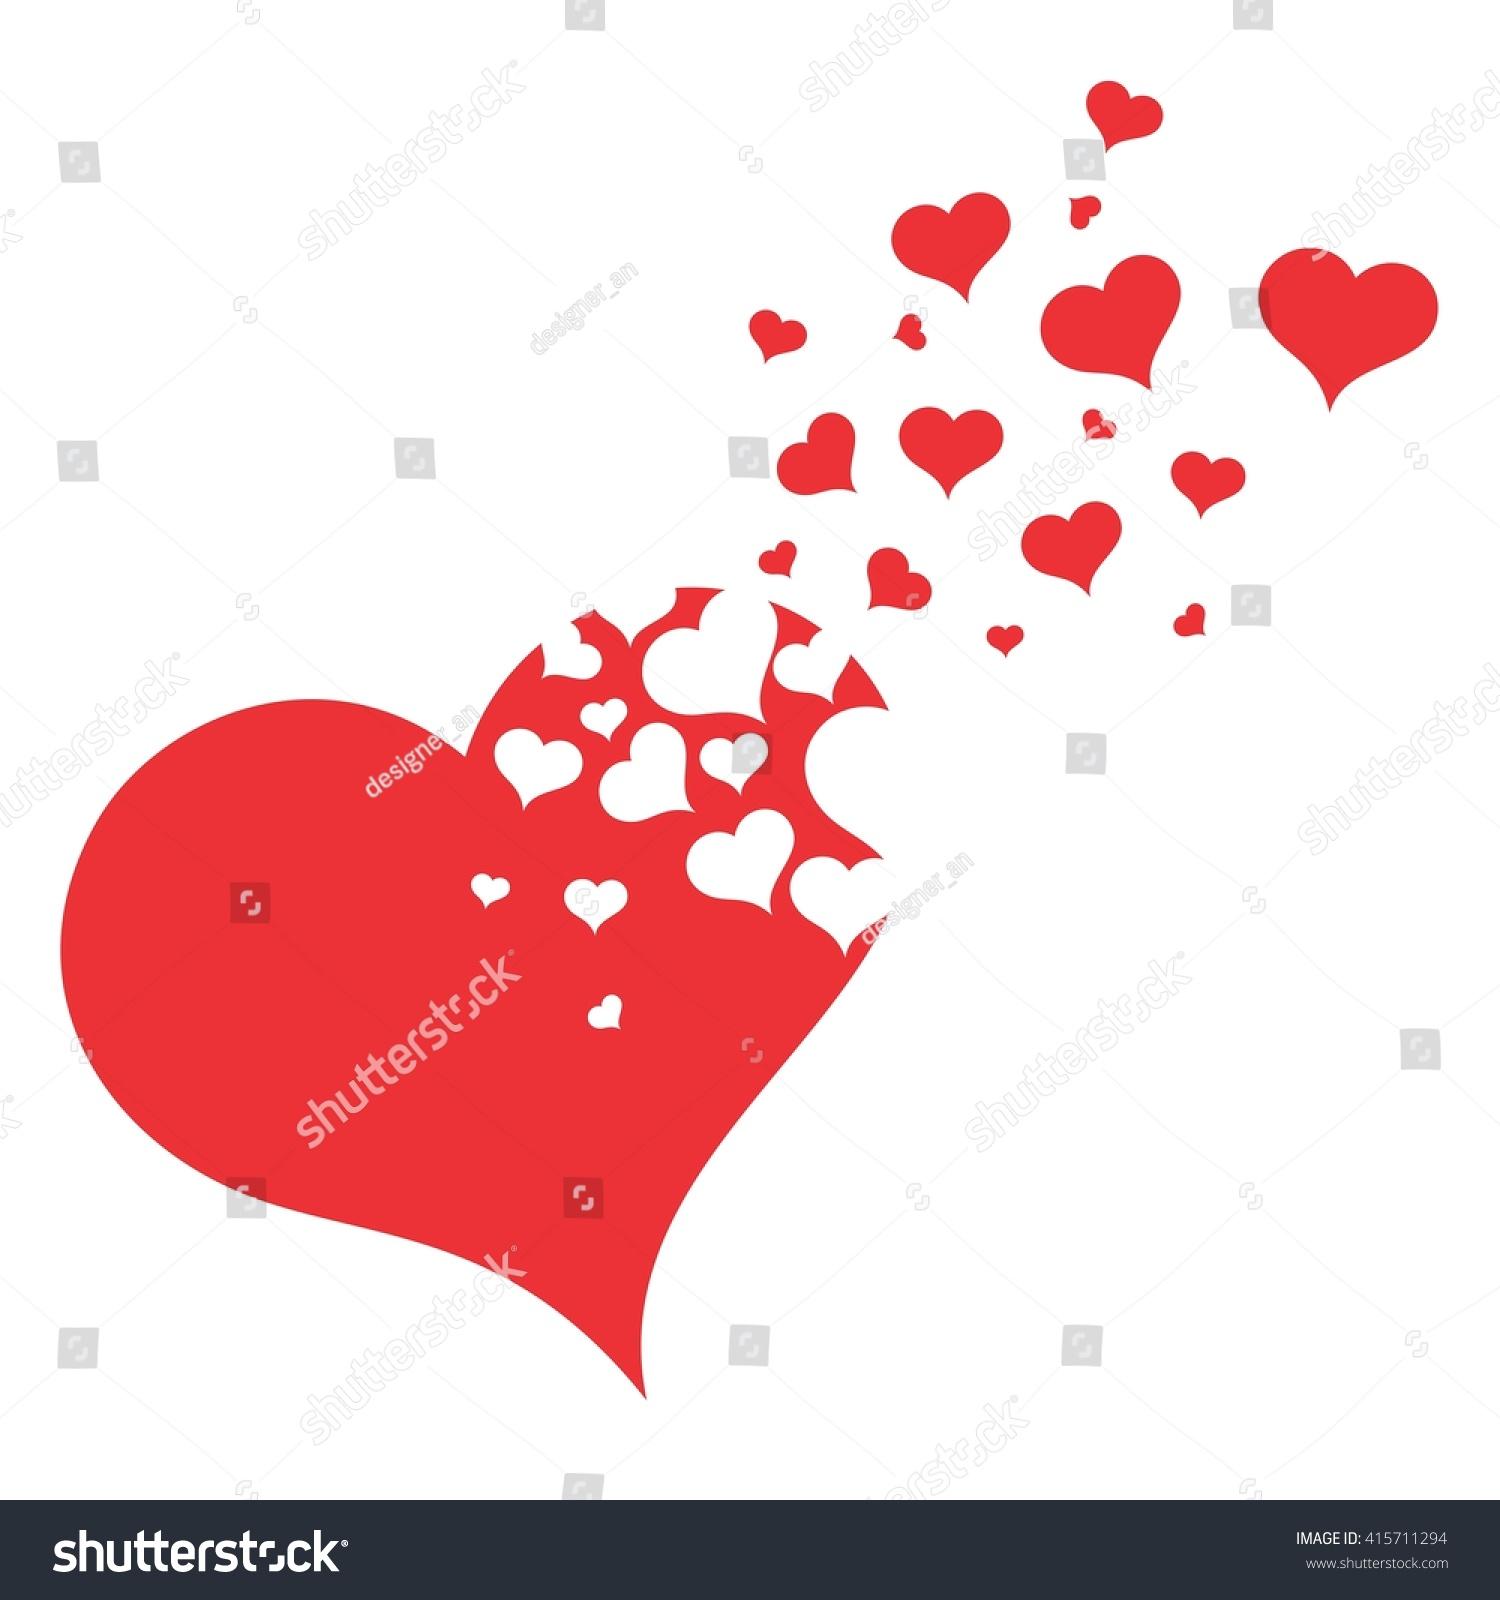 Symbol broken heart stock illustration 415711294 shutterstock symbol of broken heart buycottarizona